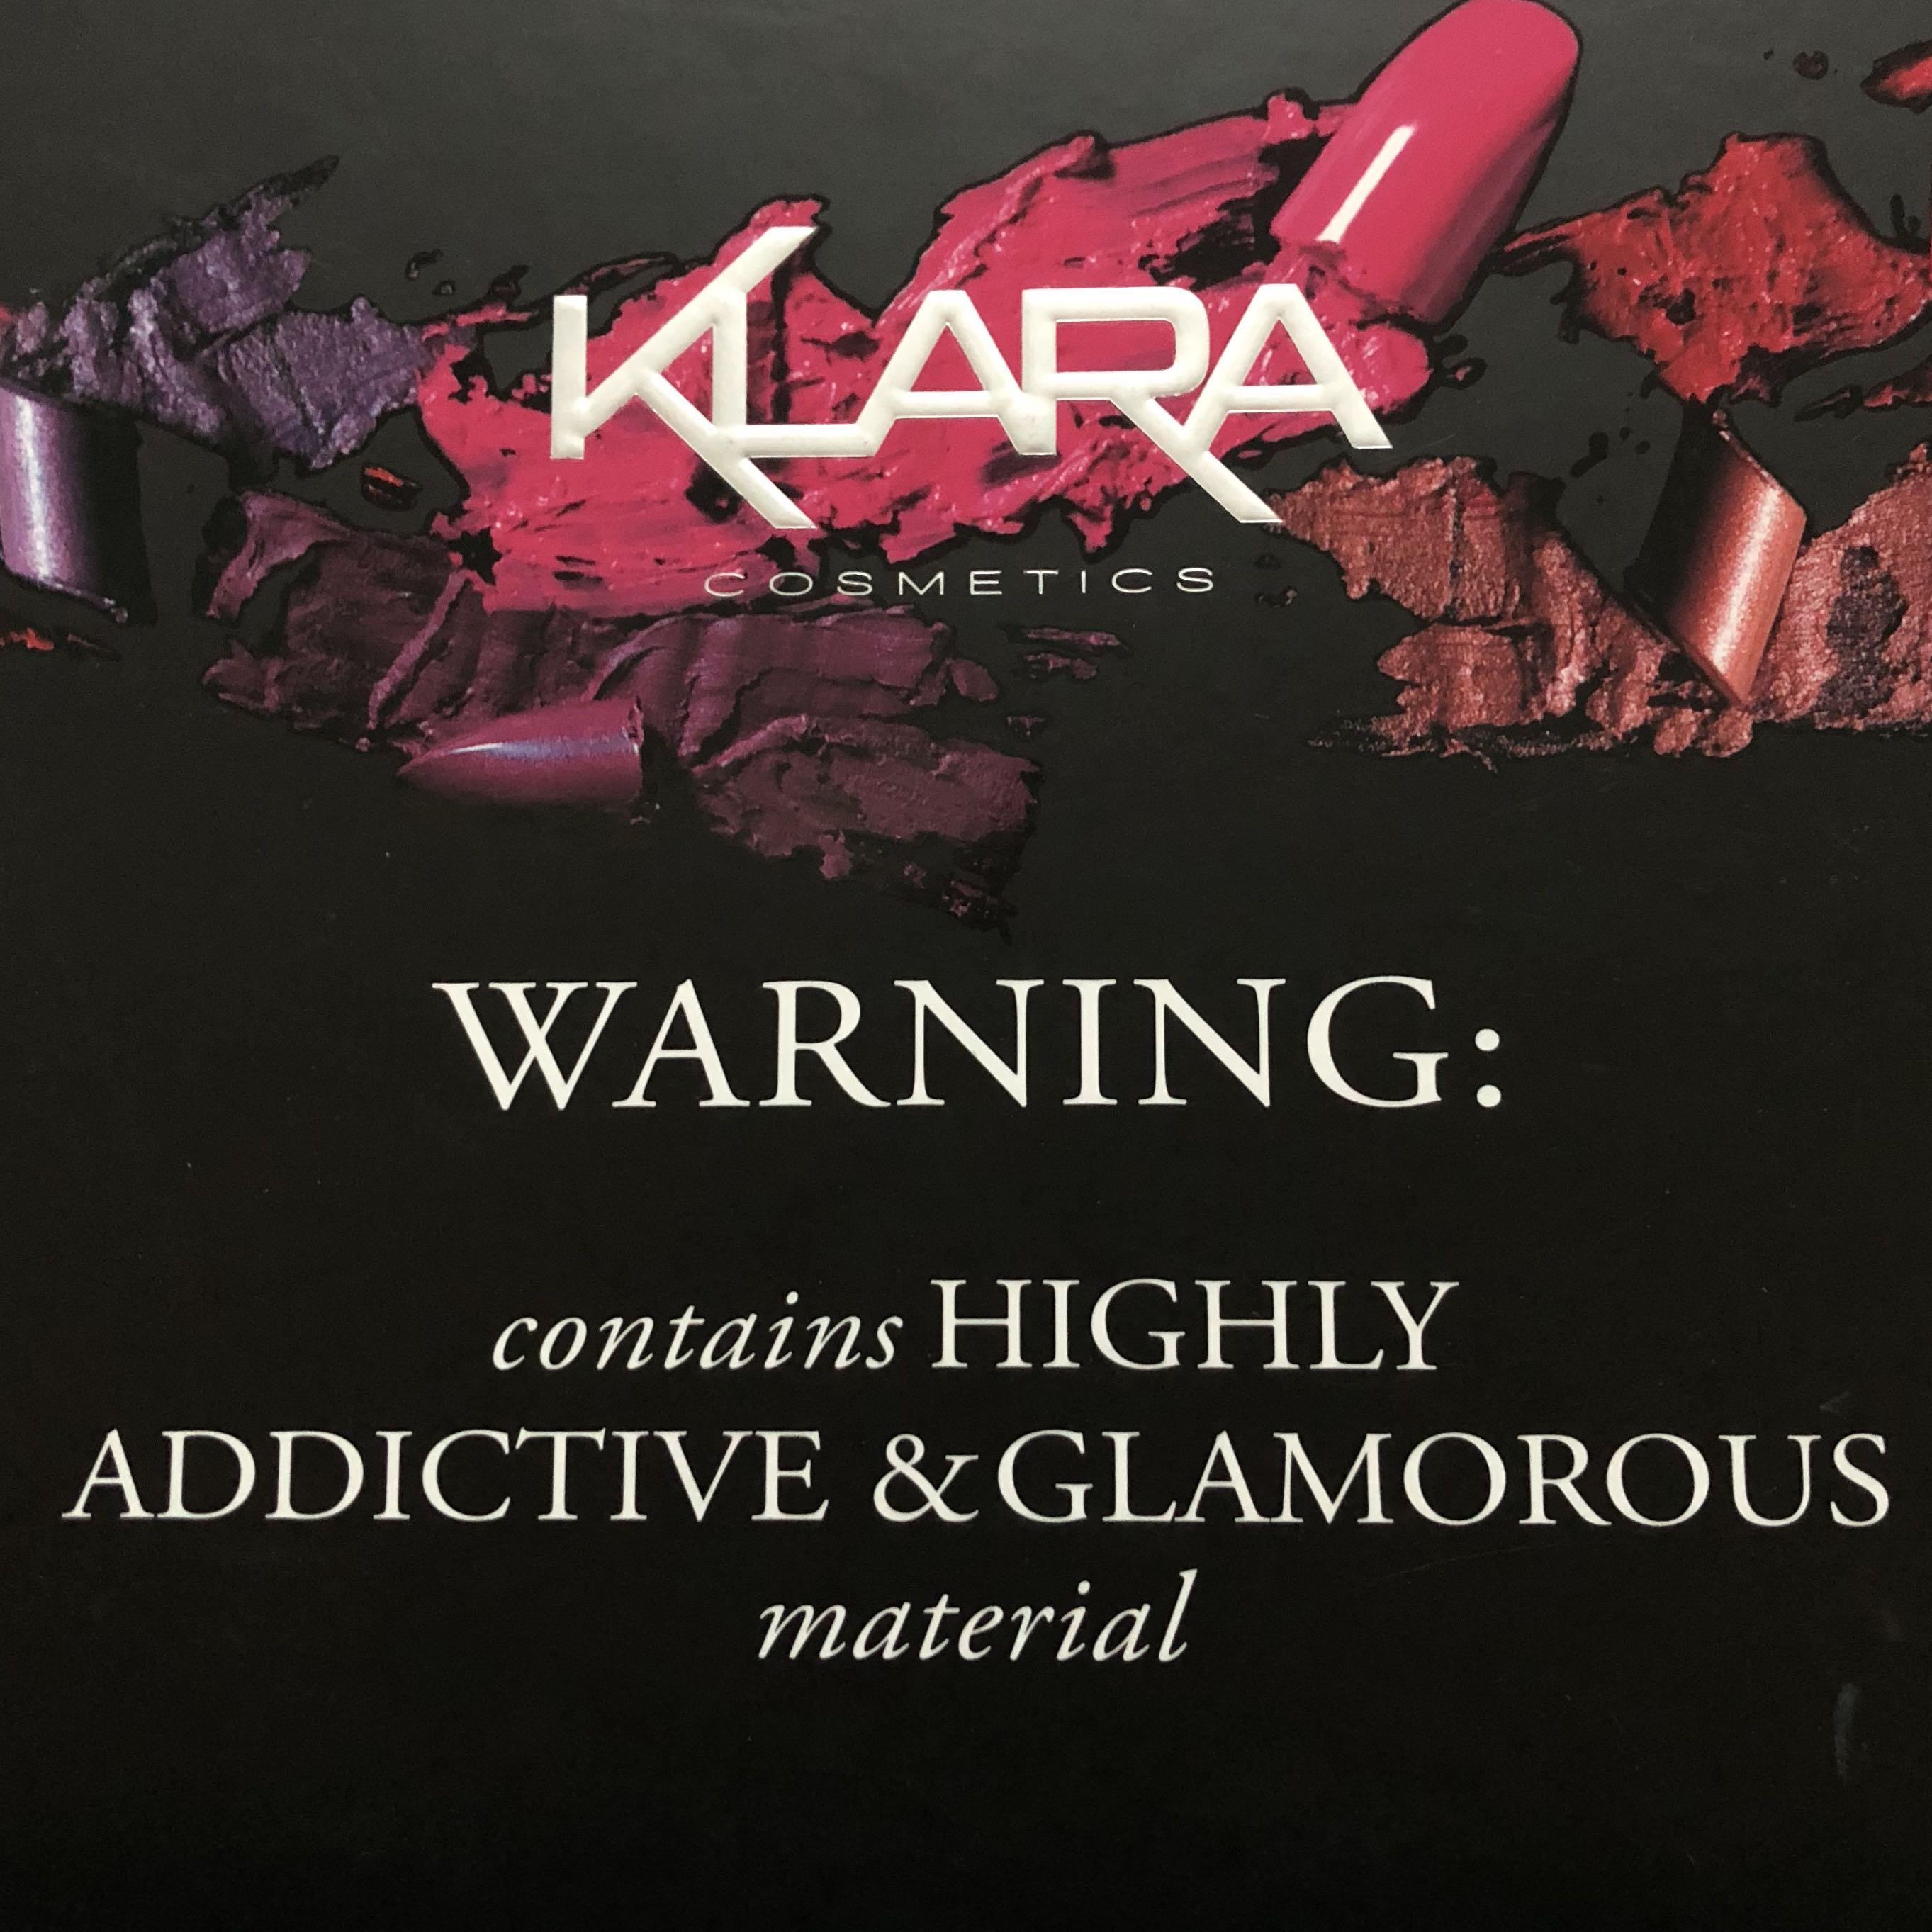 Klara Eye Boost Under Concealer Health Beauty Makeup On Liquid Eyeliner 1 Black Carousell